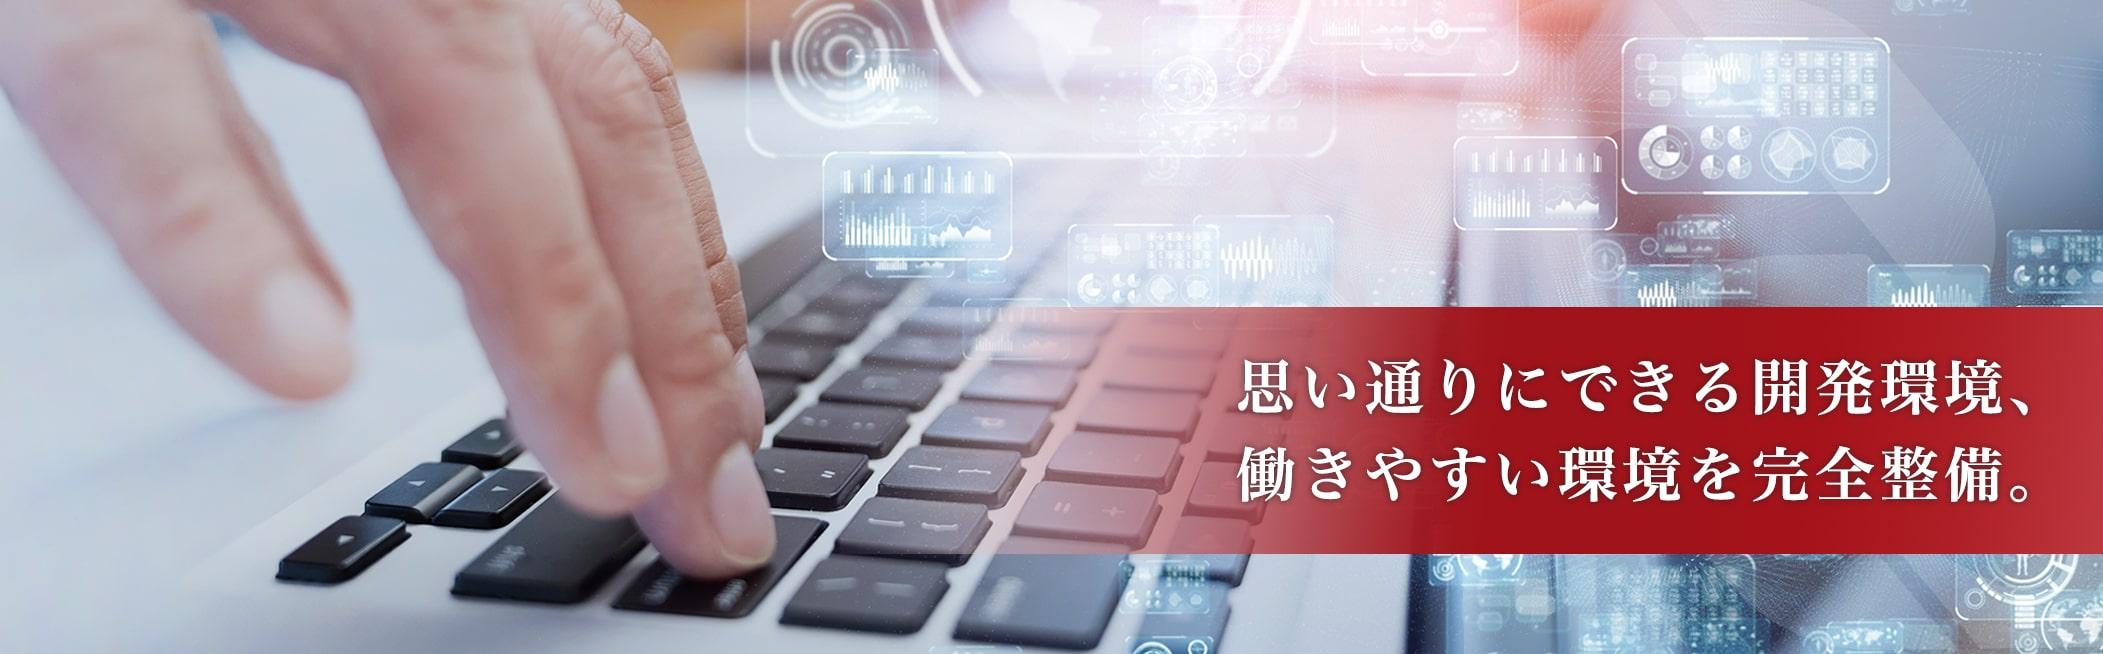 株式会社不動産流通システム REDS(レッズ) 【エンジニア職募集】